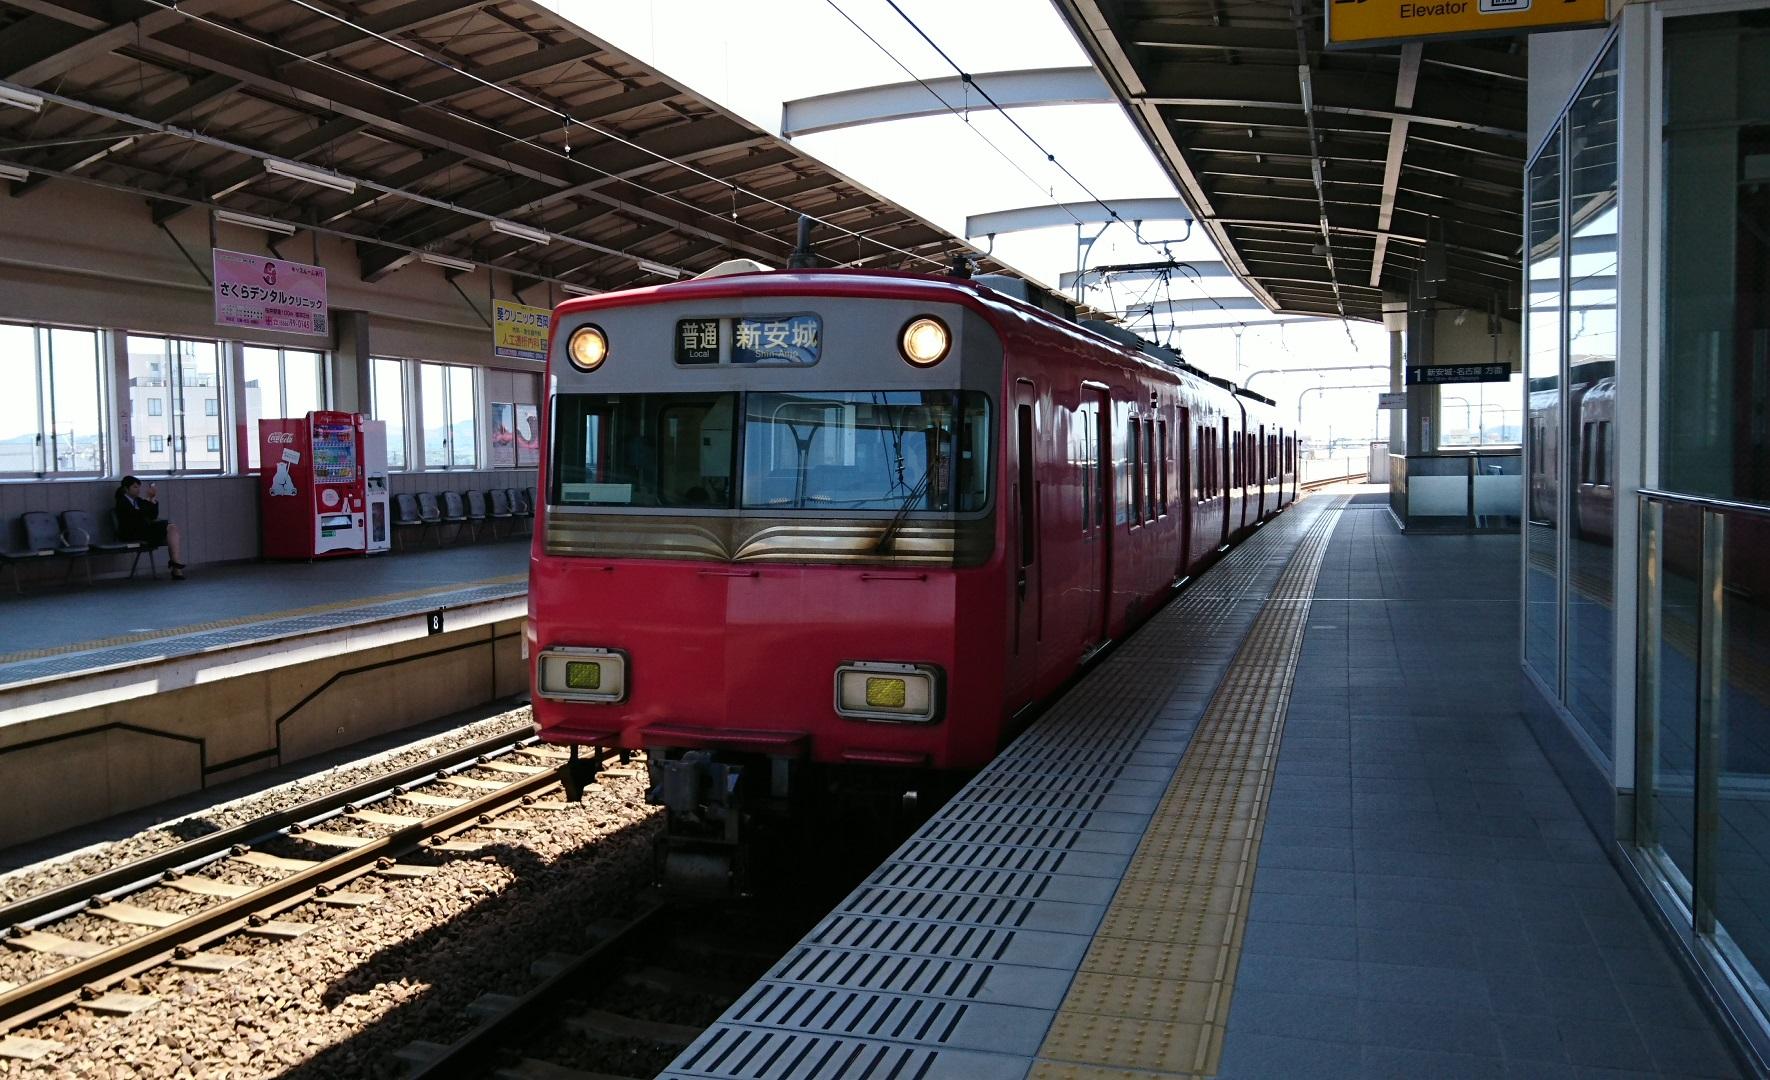 2017.5.23 (4) 桜井 - しんあんじょういきふつう 1770-1080